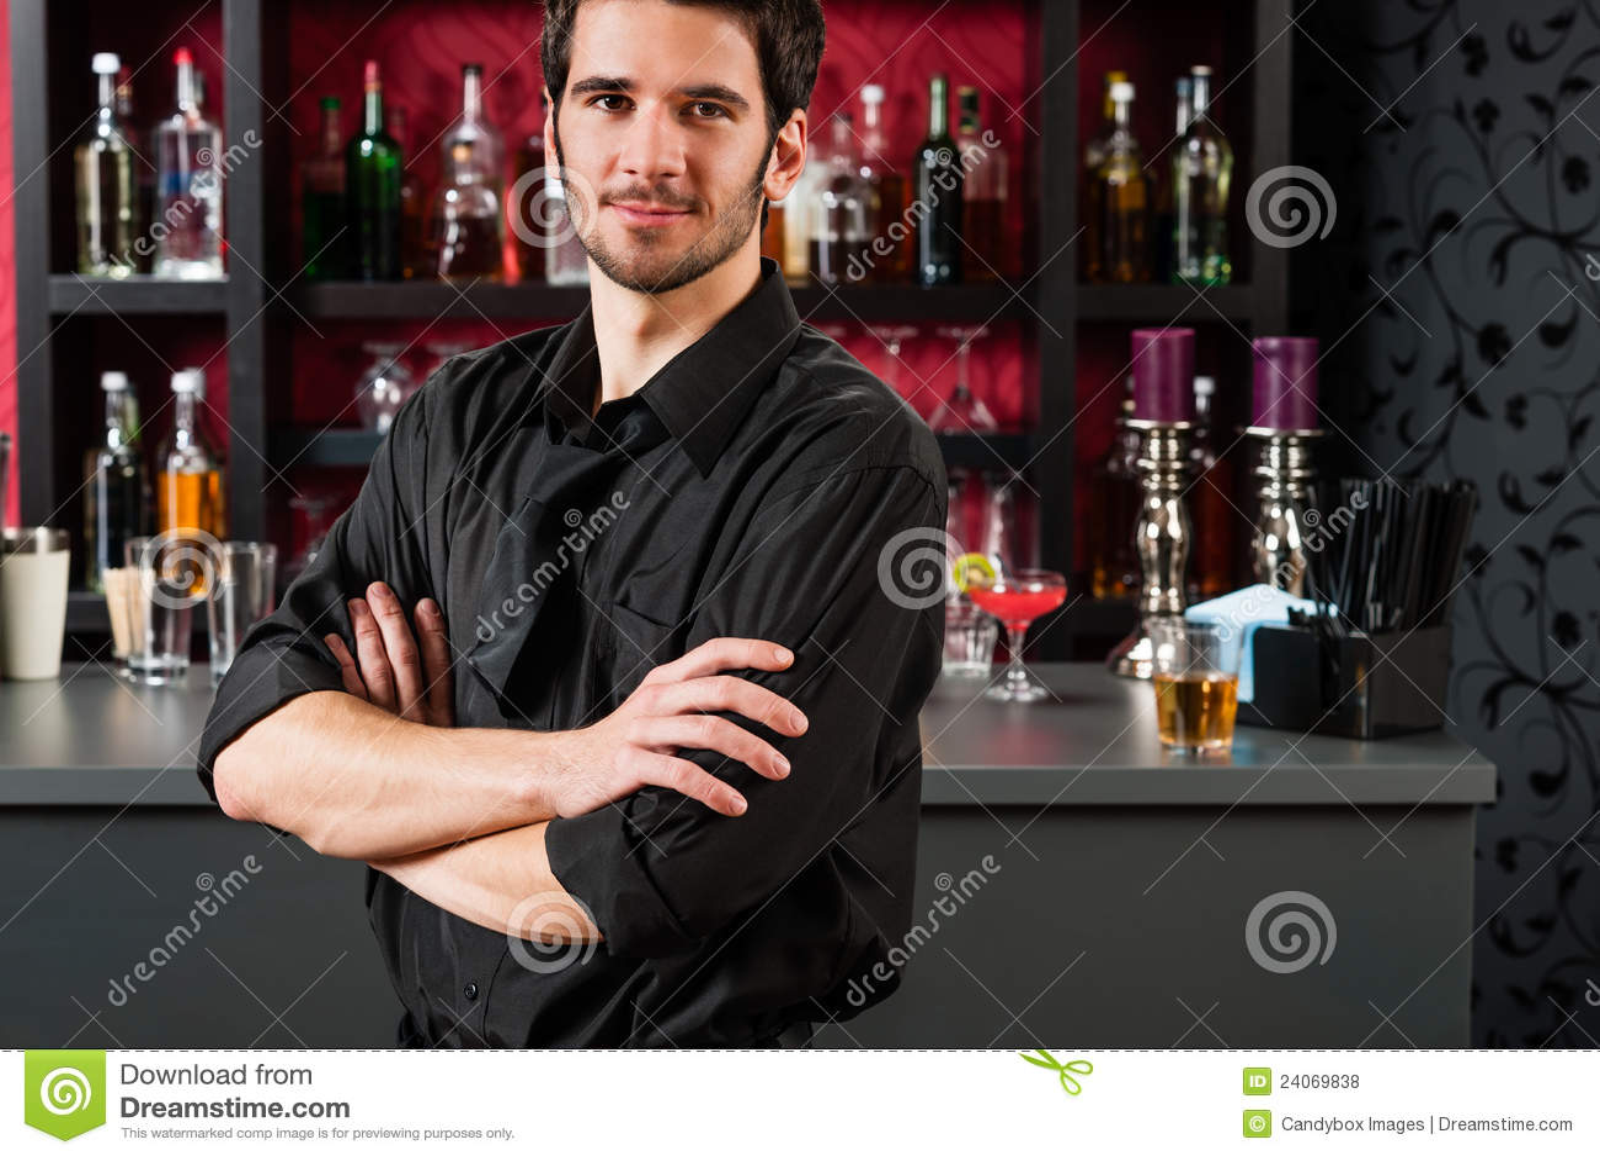 Barkellner in der schwarzen Stellung am Cocktailstab